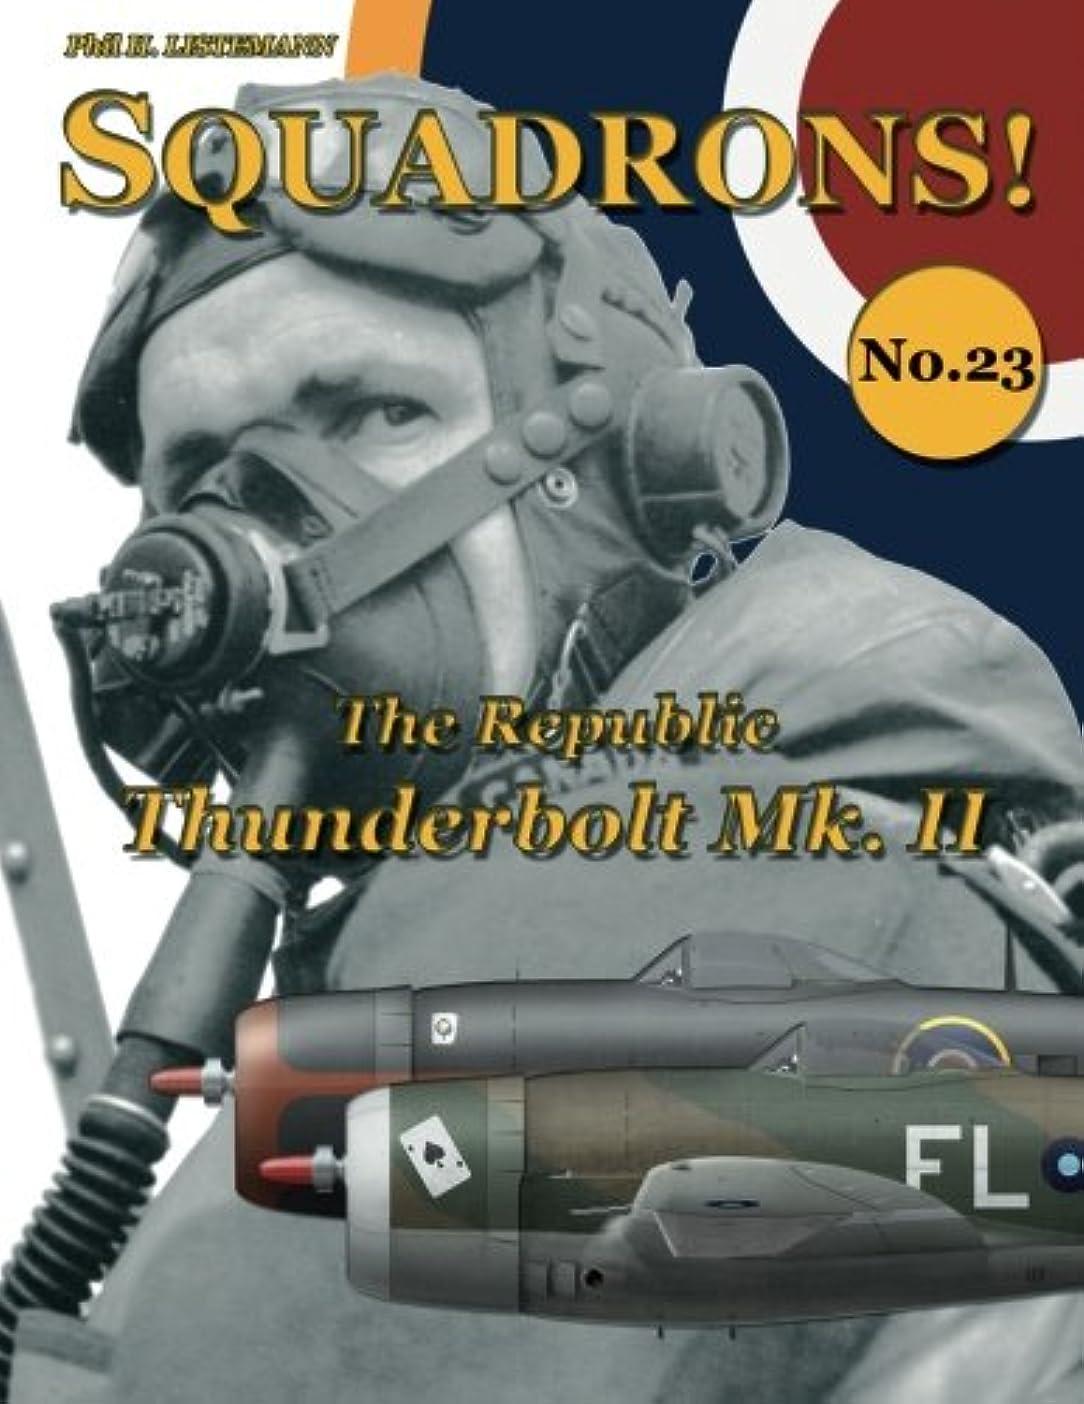 離すデザート方法論The Republic Thunderbolt Mk. II (SQUADRONS!)